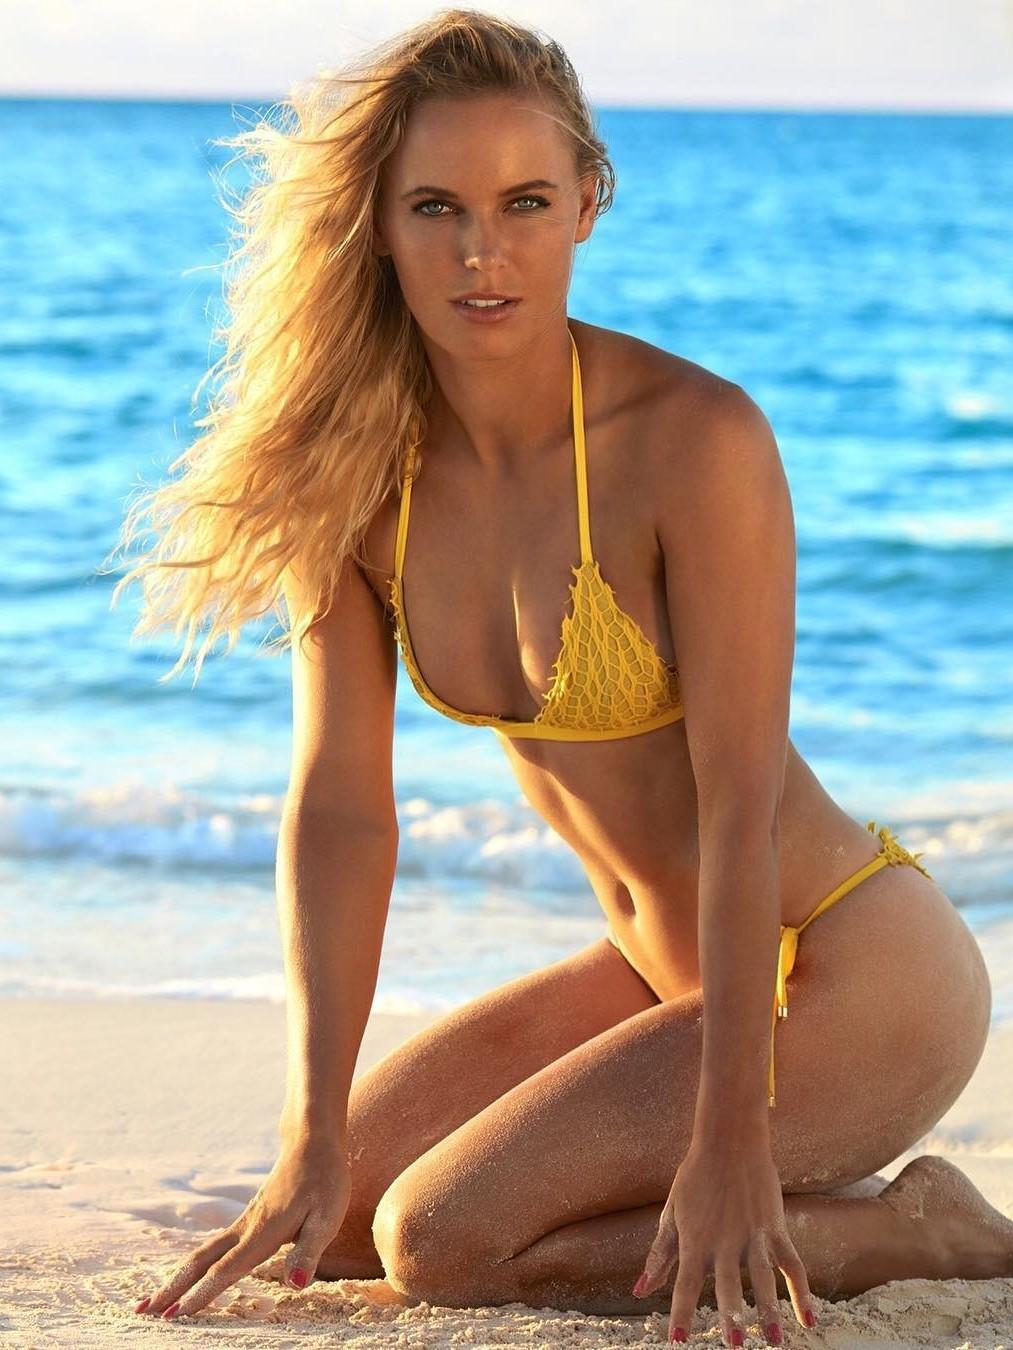 Wta Hotties 2017 Hot-100 1 Caroline Wozniacki -3758